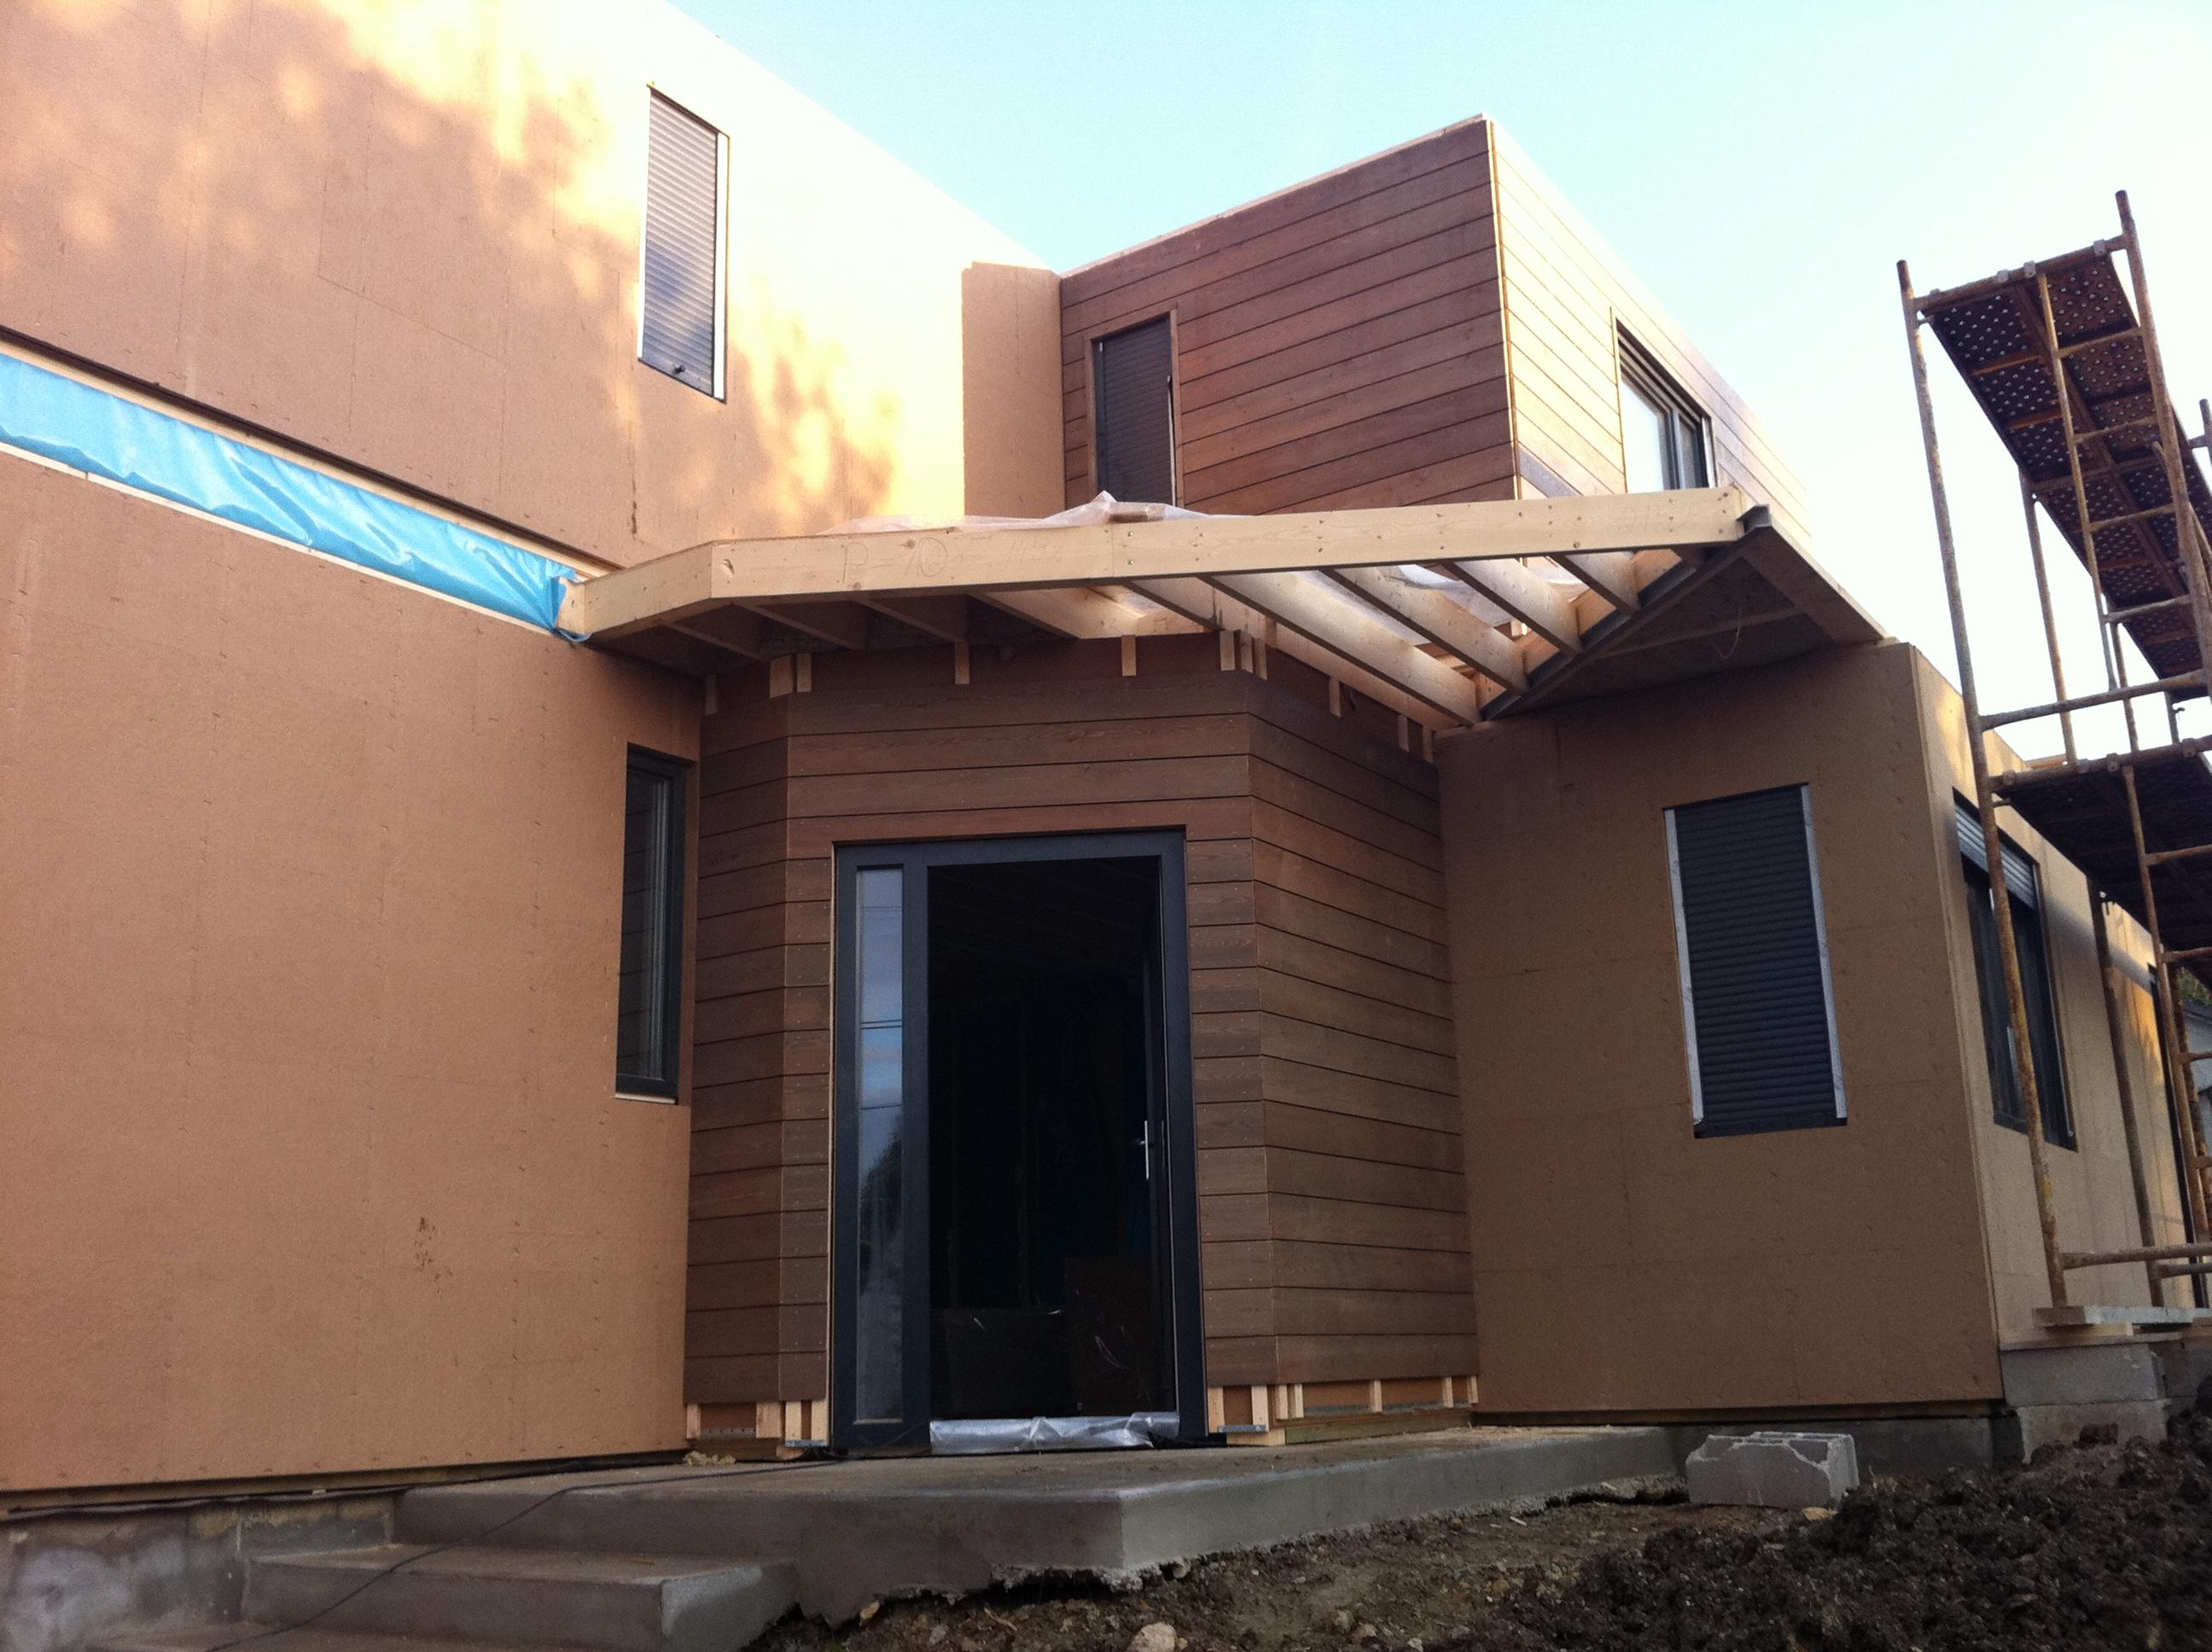 Maison ossature bois contemporaine lagny sur marne for Maison ossature bois marne